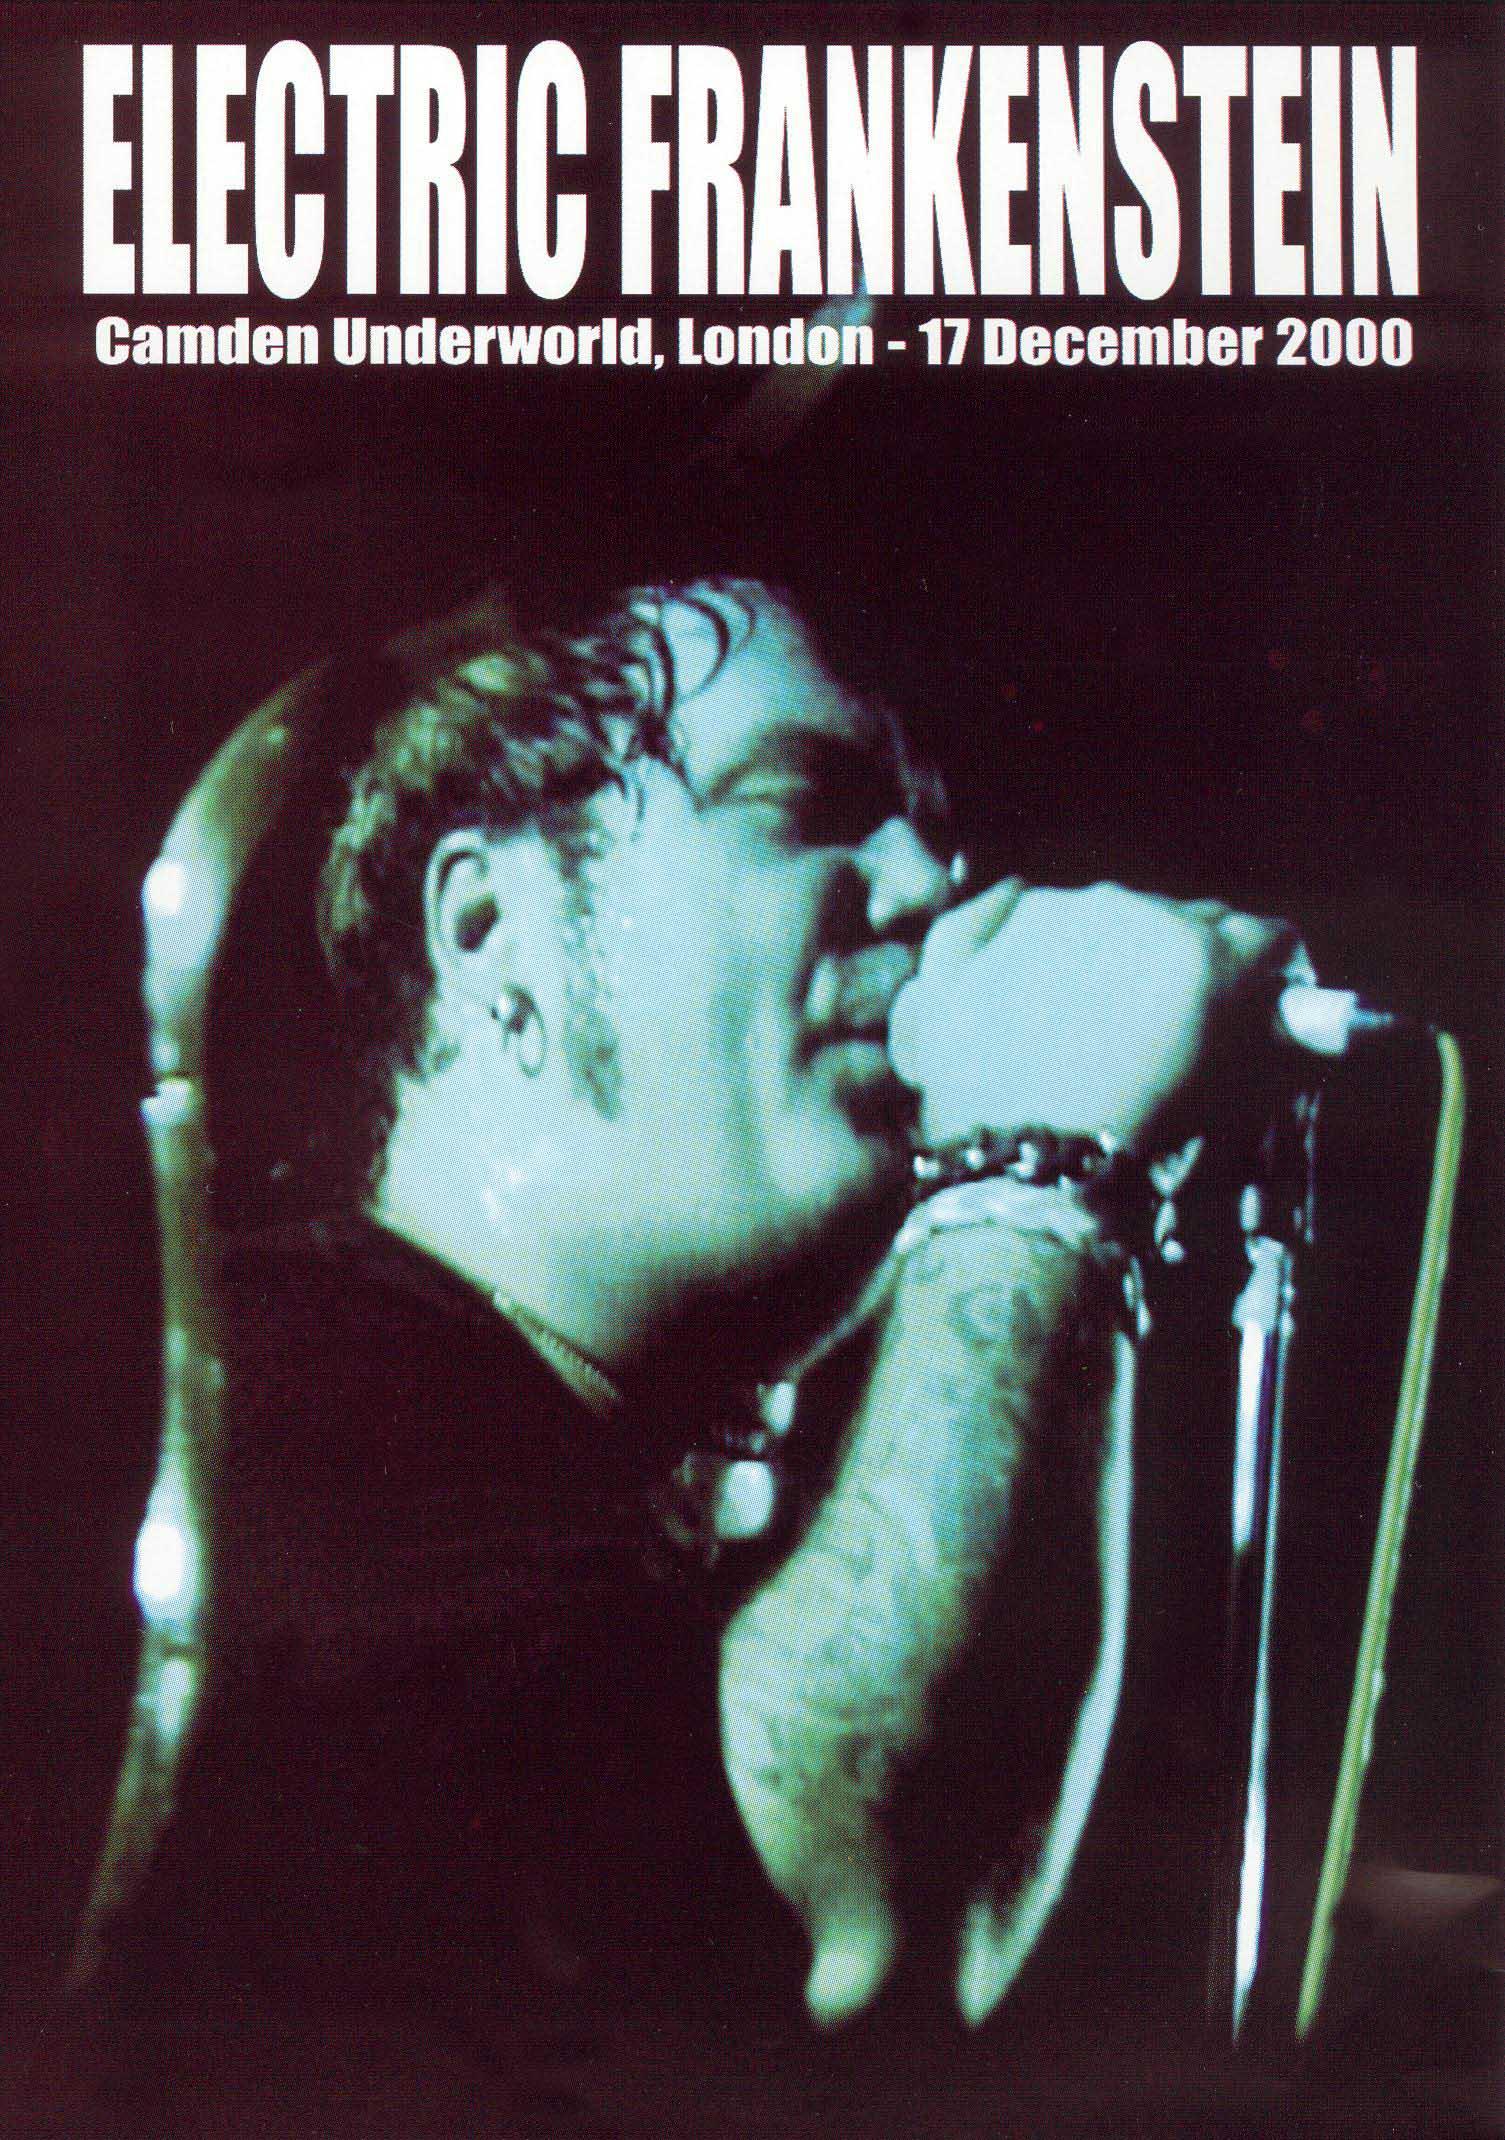 Electric Frankenstein: Live at Camden Underworld